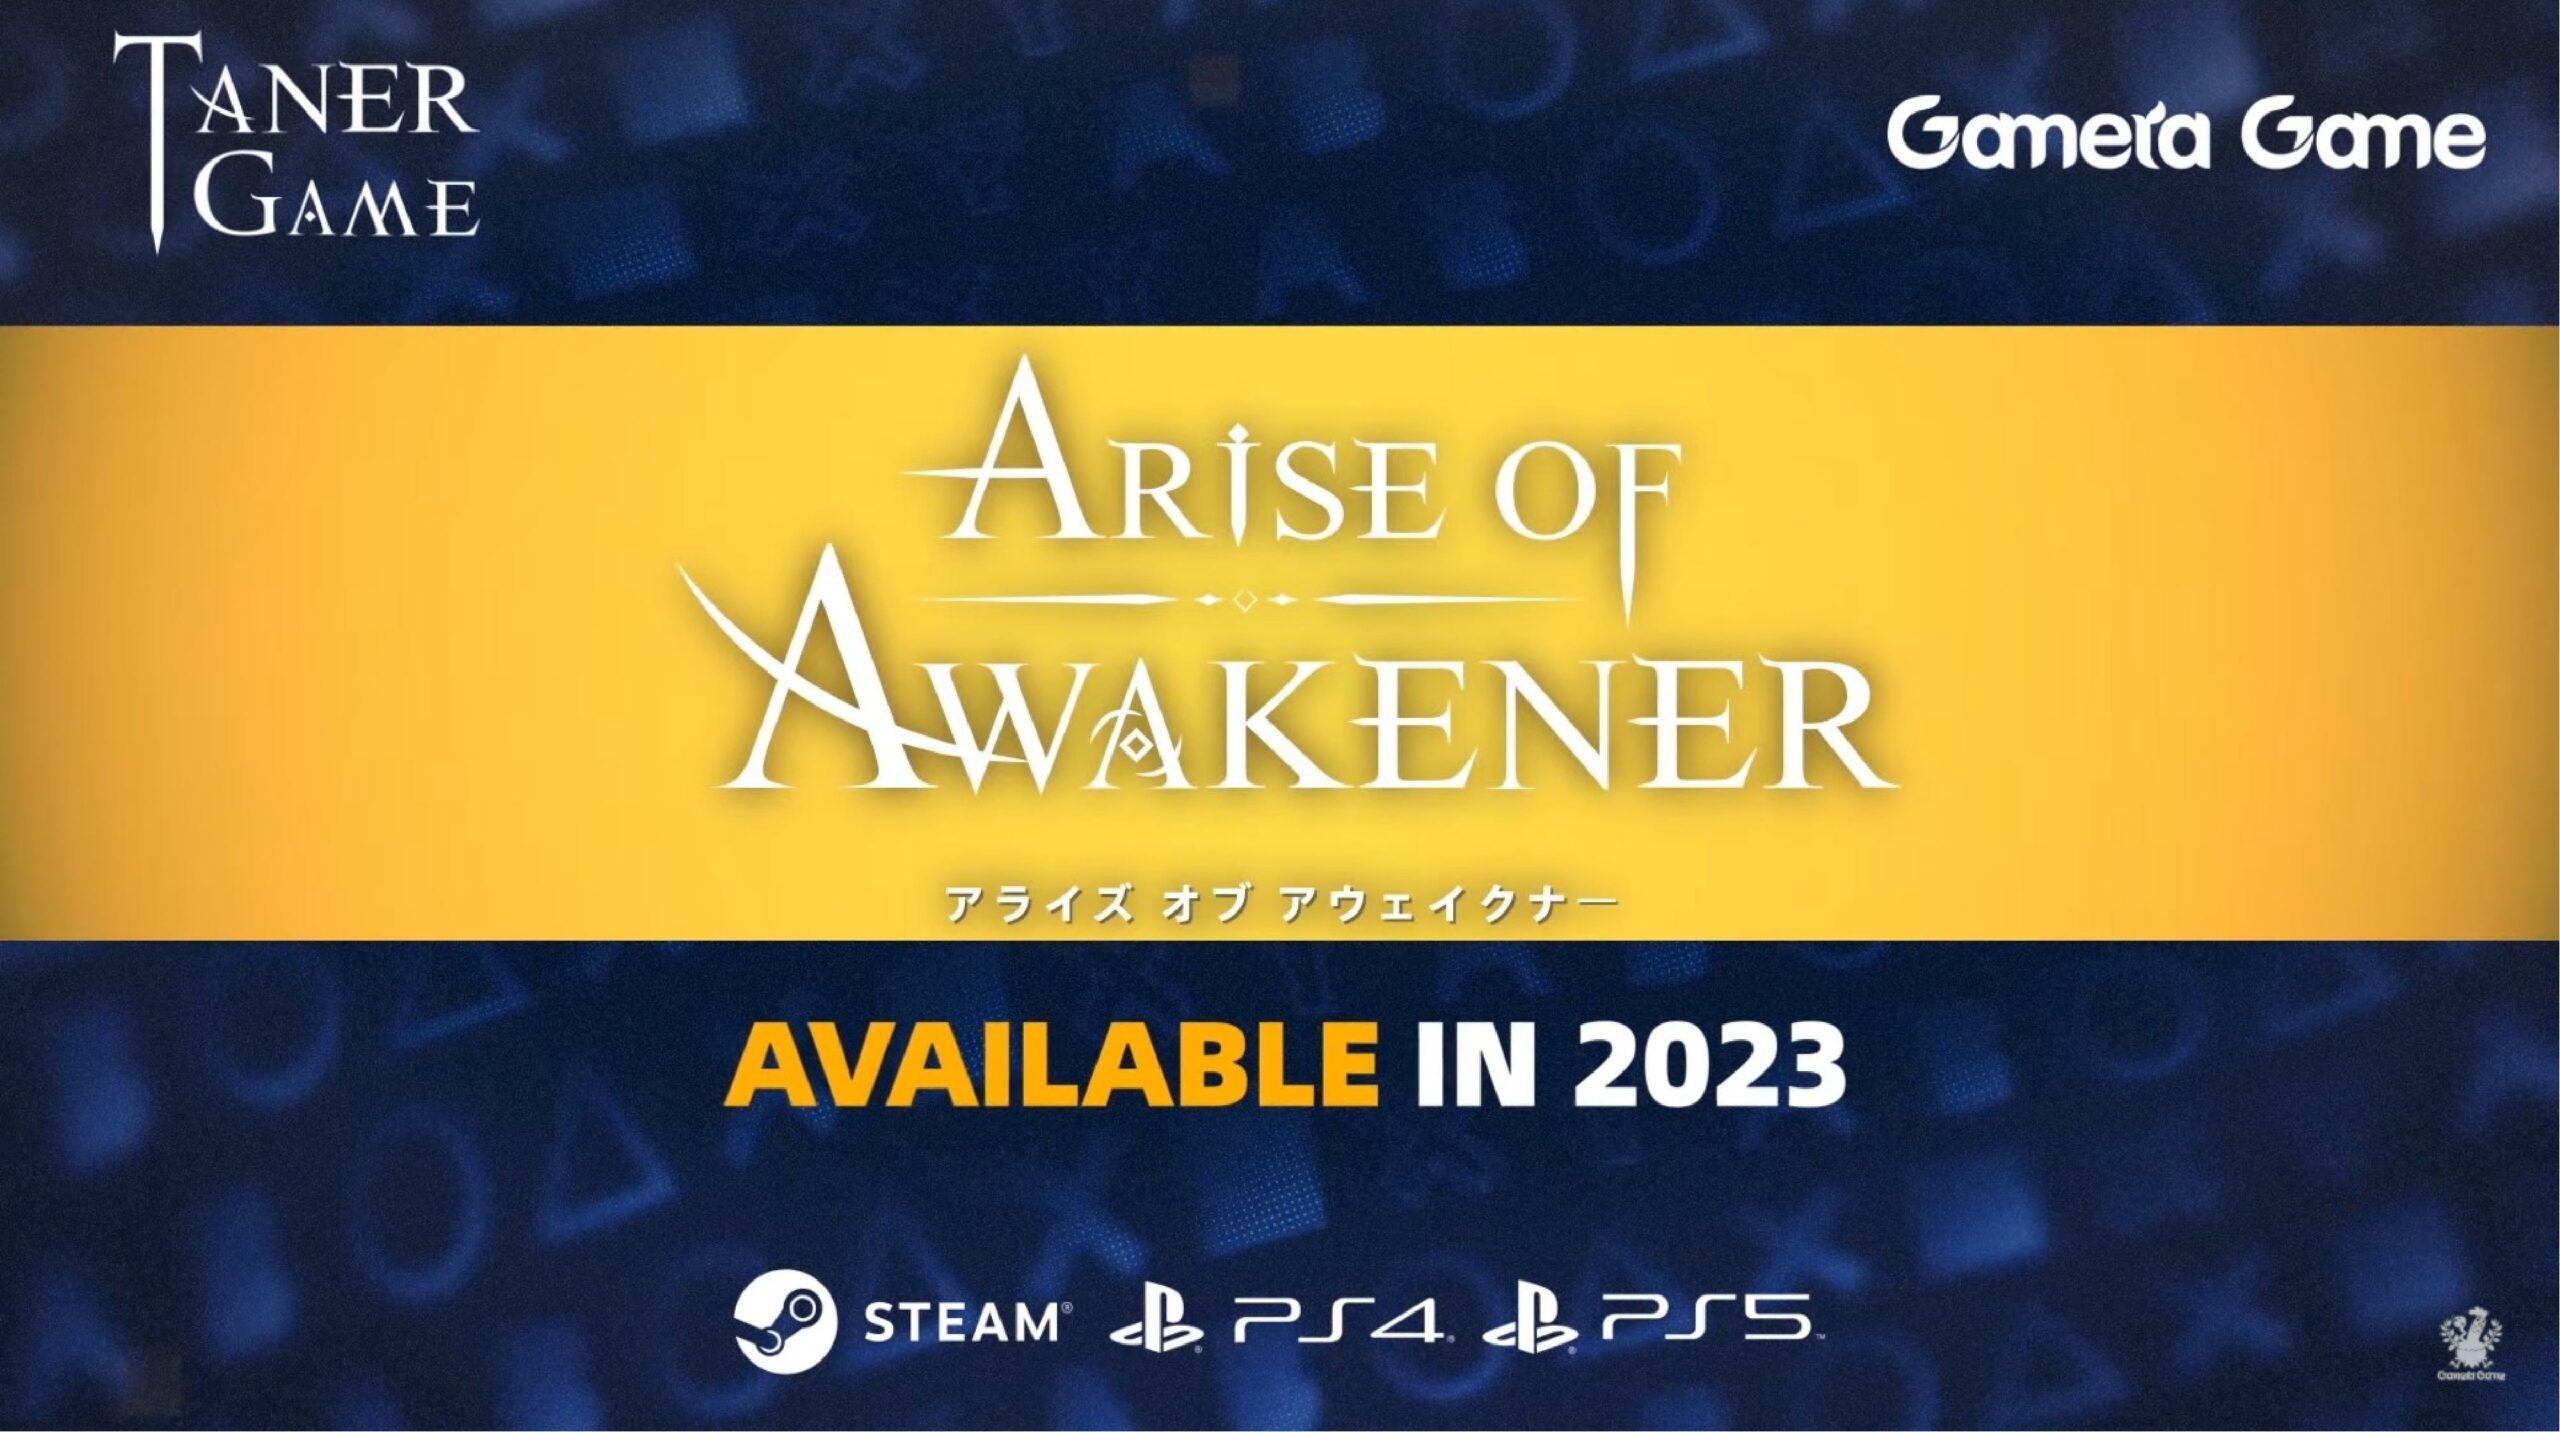 Arise of Awakener es un nuevo RPG de acción que llegará en 2023 para PS4, PS5 y PC